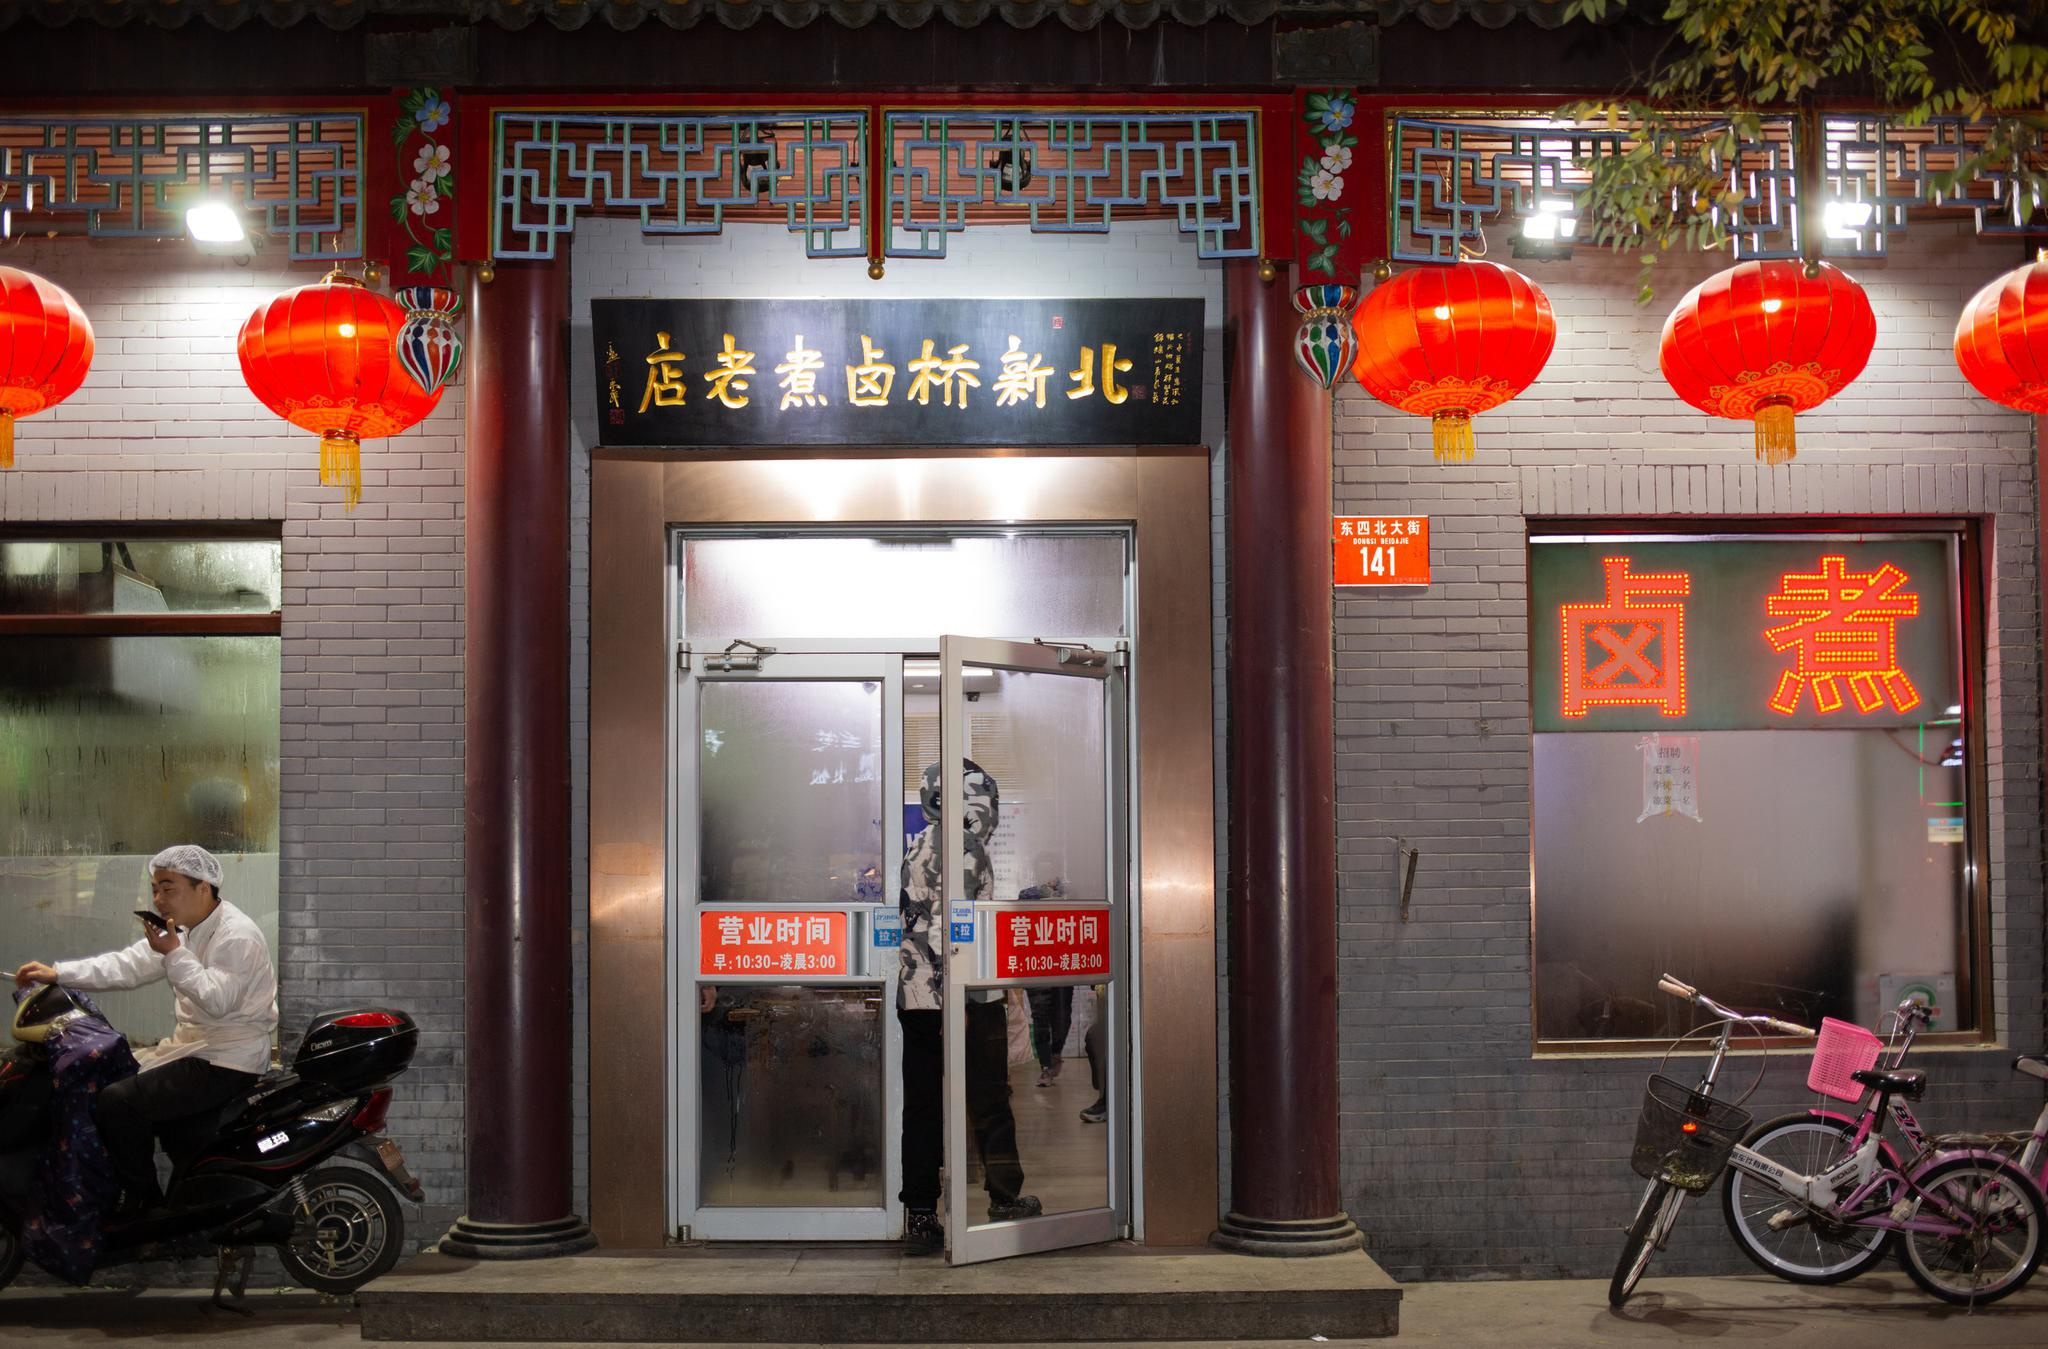 http://www.bjgjt.com/beijingxinwen/90644.html